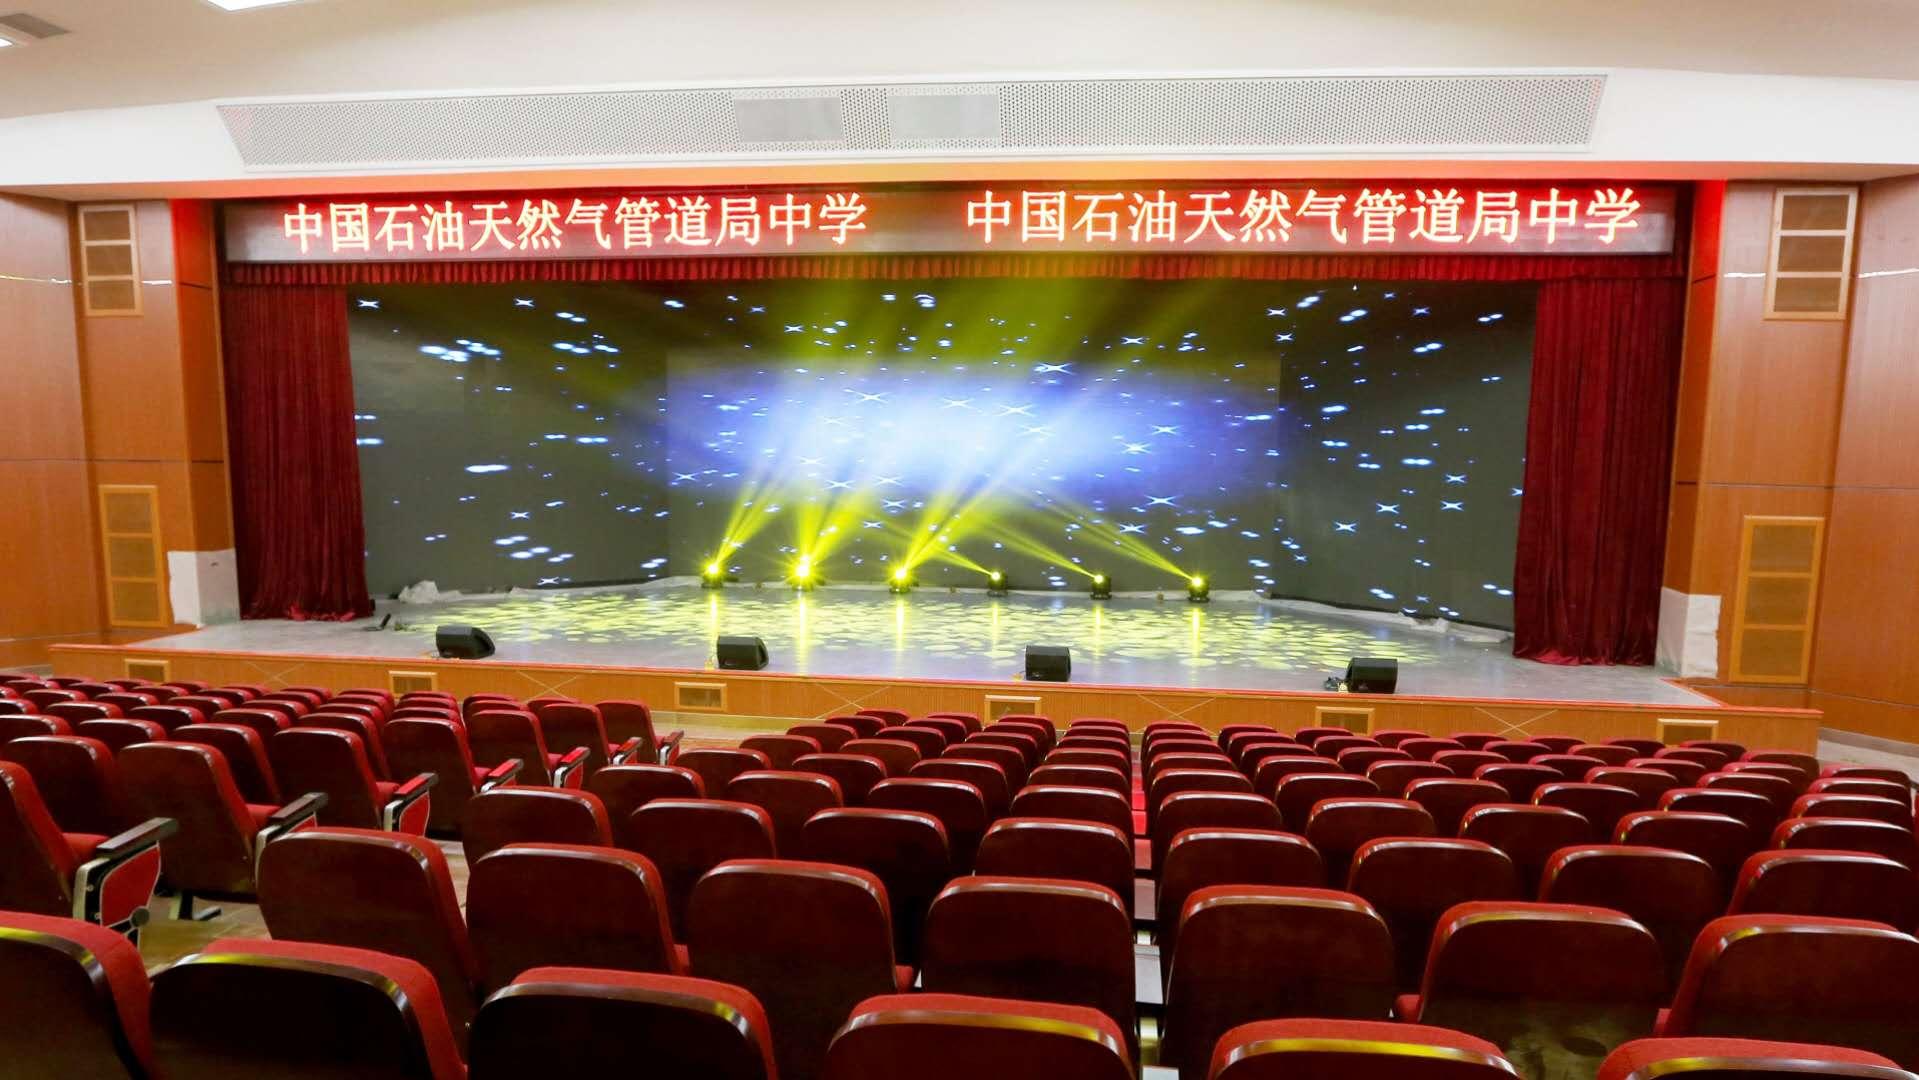 中国石油天然气管道局中学使用PRS舞台音响